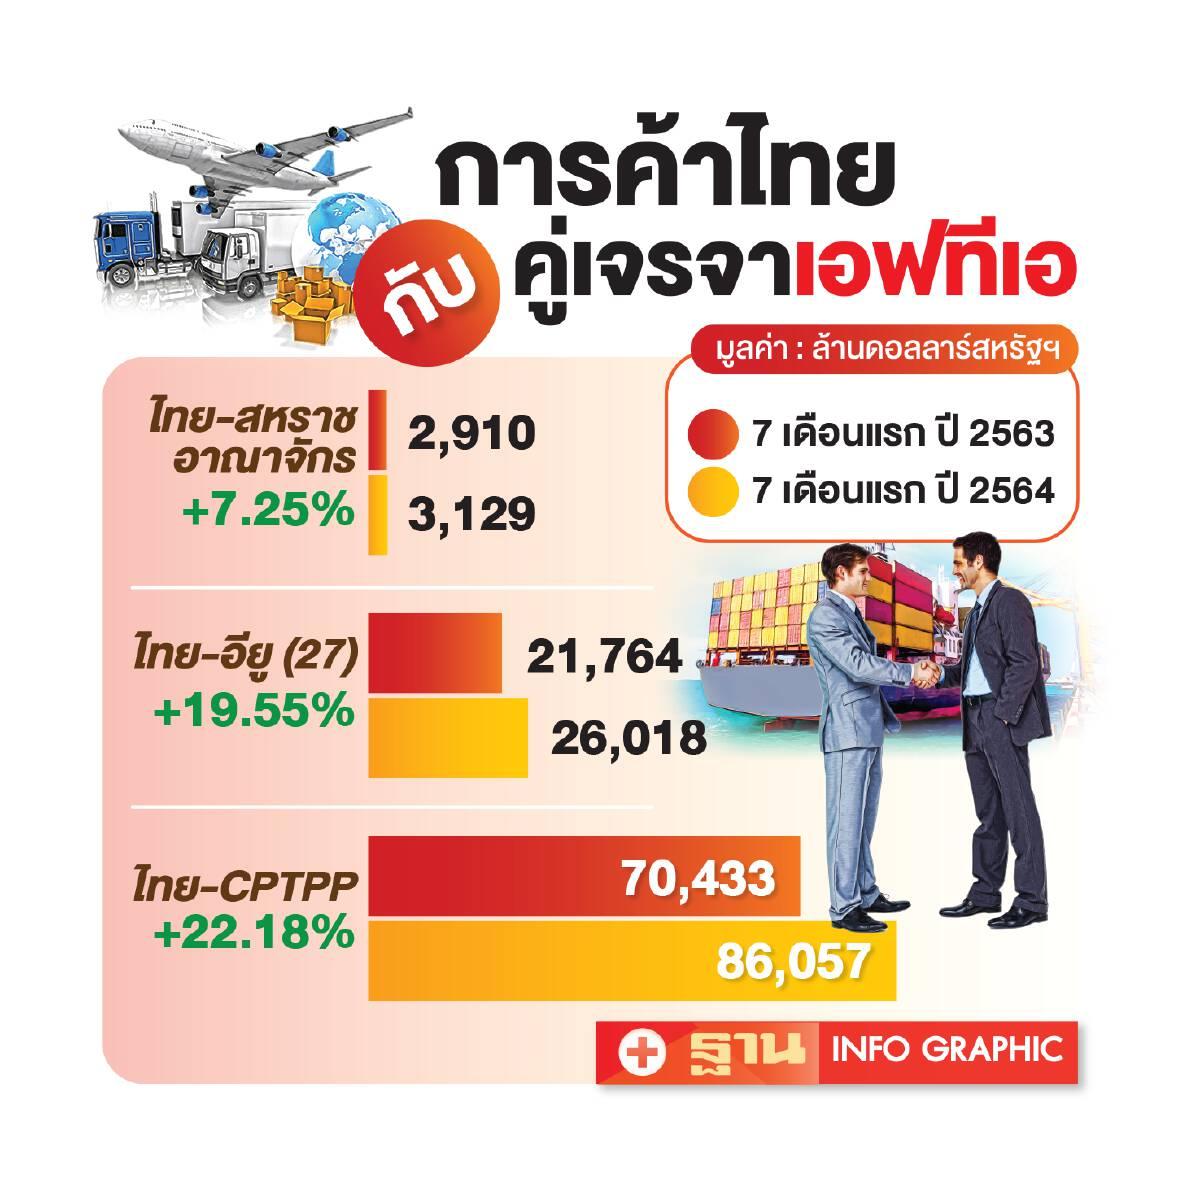 พาณิชย์อัพเดตเจรจา 3 FTAใหญ่  ไทย-อียูคืบไทย-อังกฤษเริ่มต้นนับ1